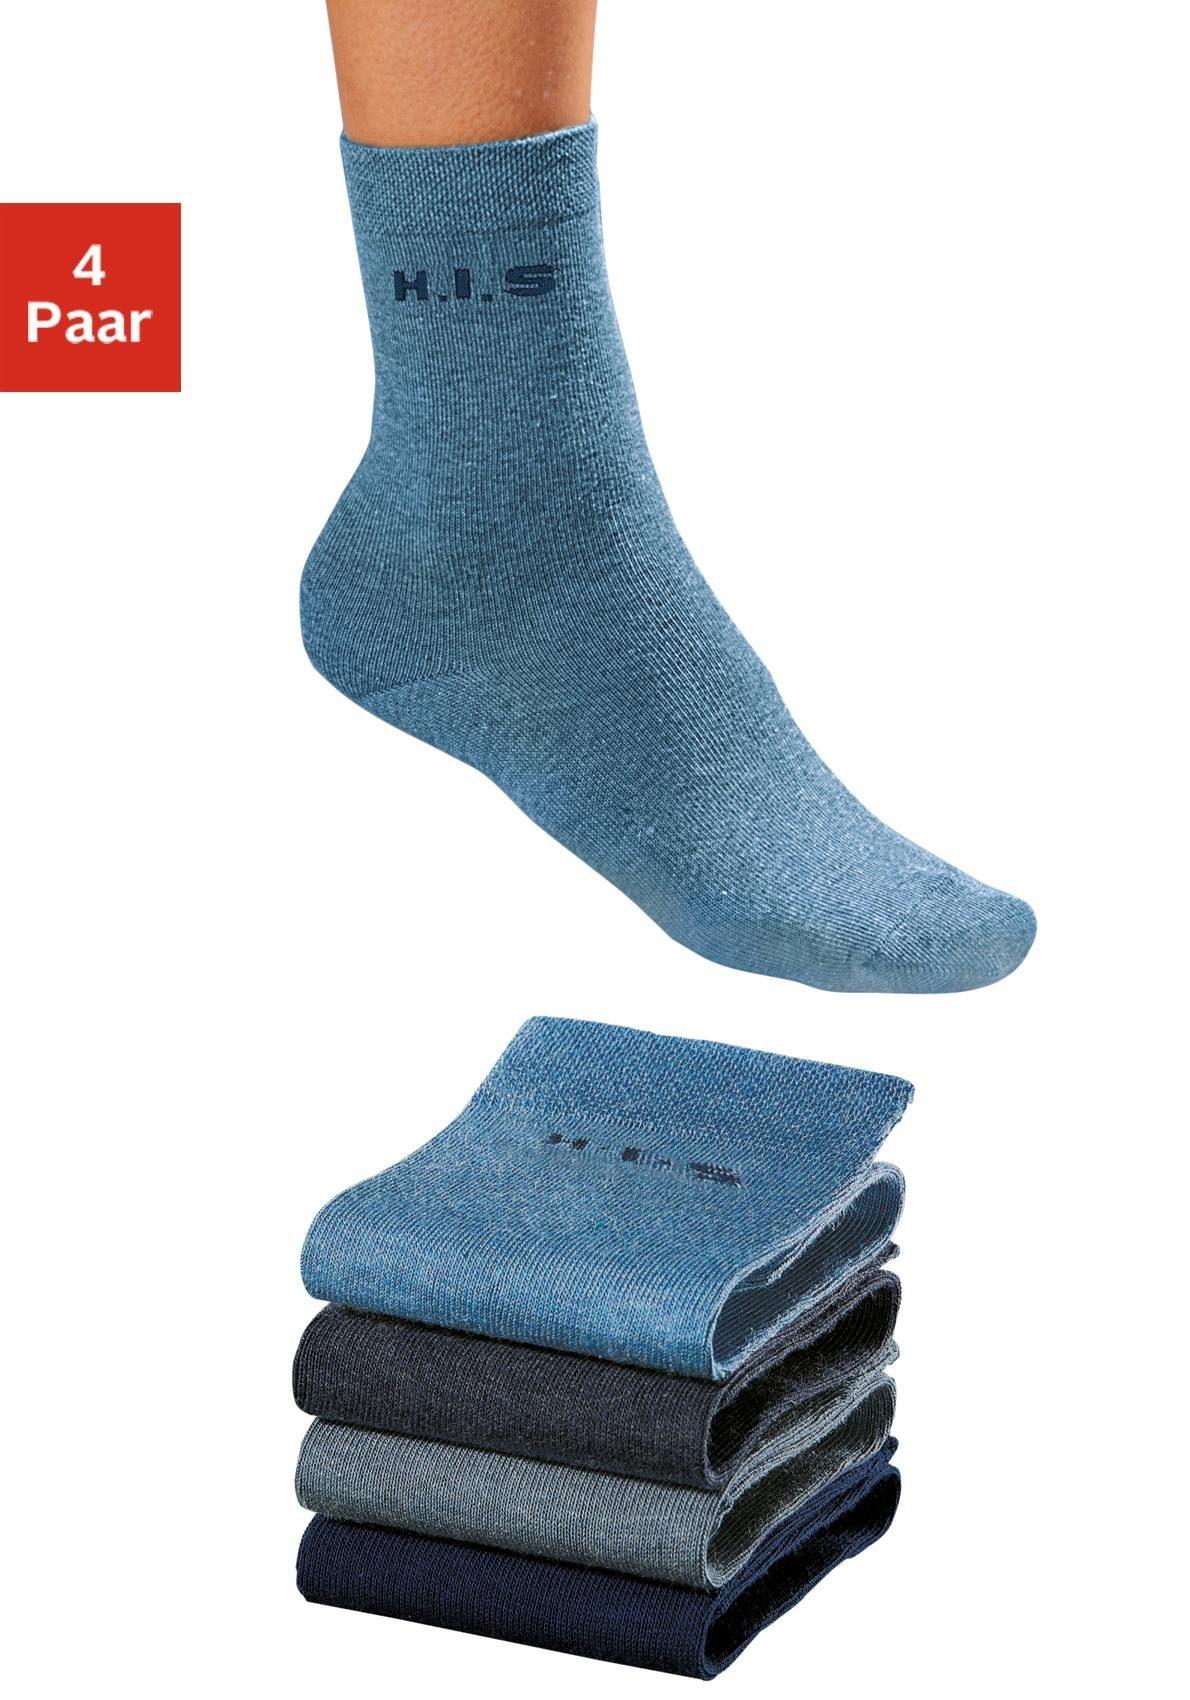 Kinder//Damen Socken H.I.S Jeans